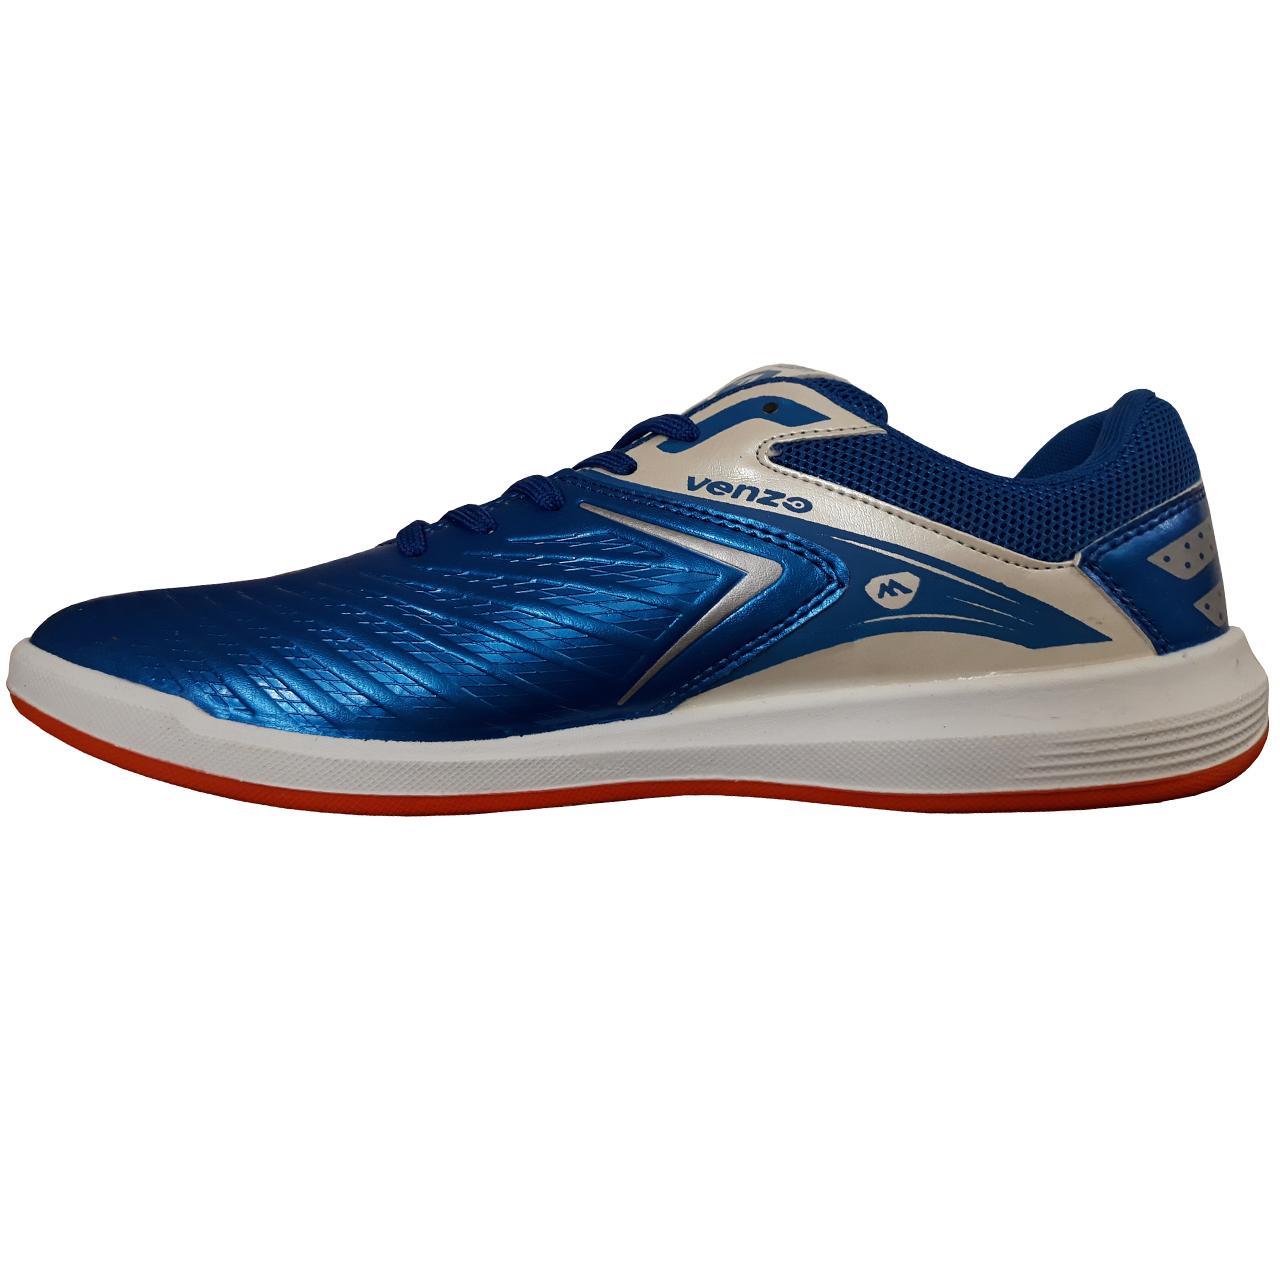 کفش فوتسال مردانه مدرن مدل VENZO3